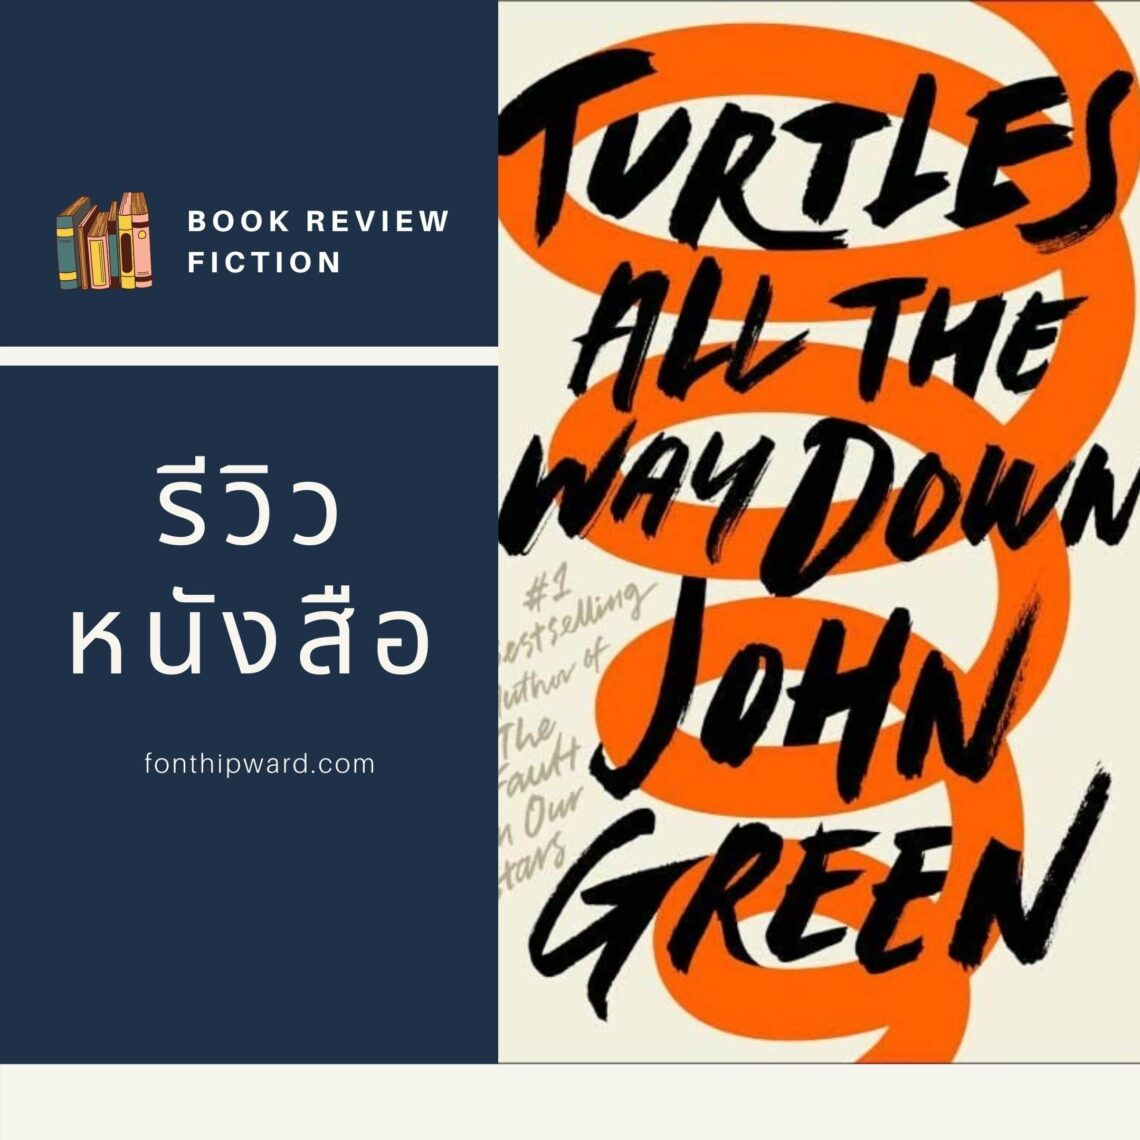 รีวิวหนังสือ Turtles All The Way Down